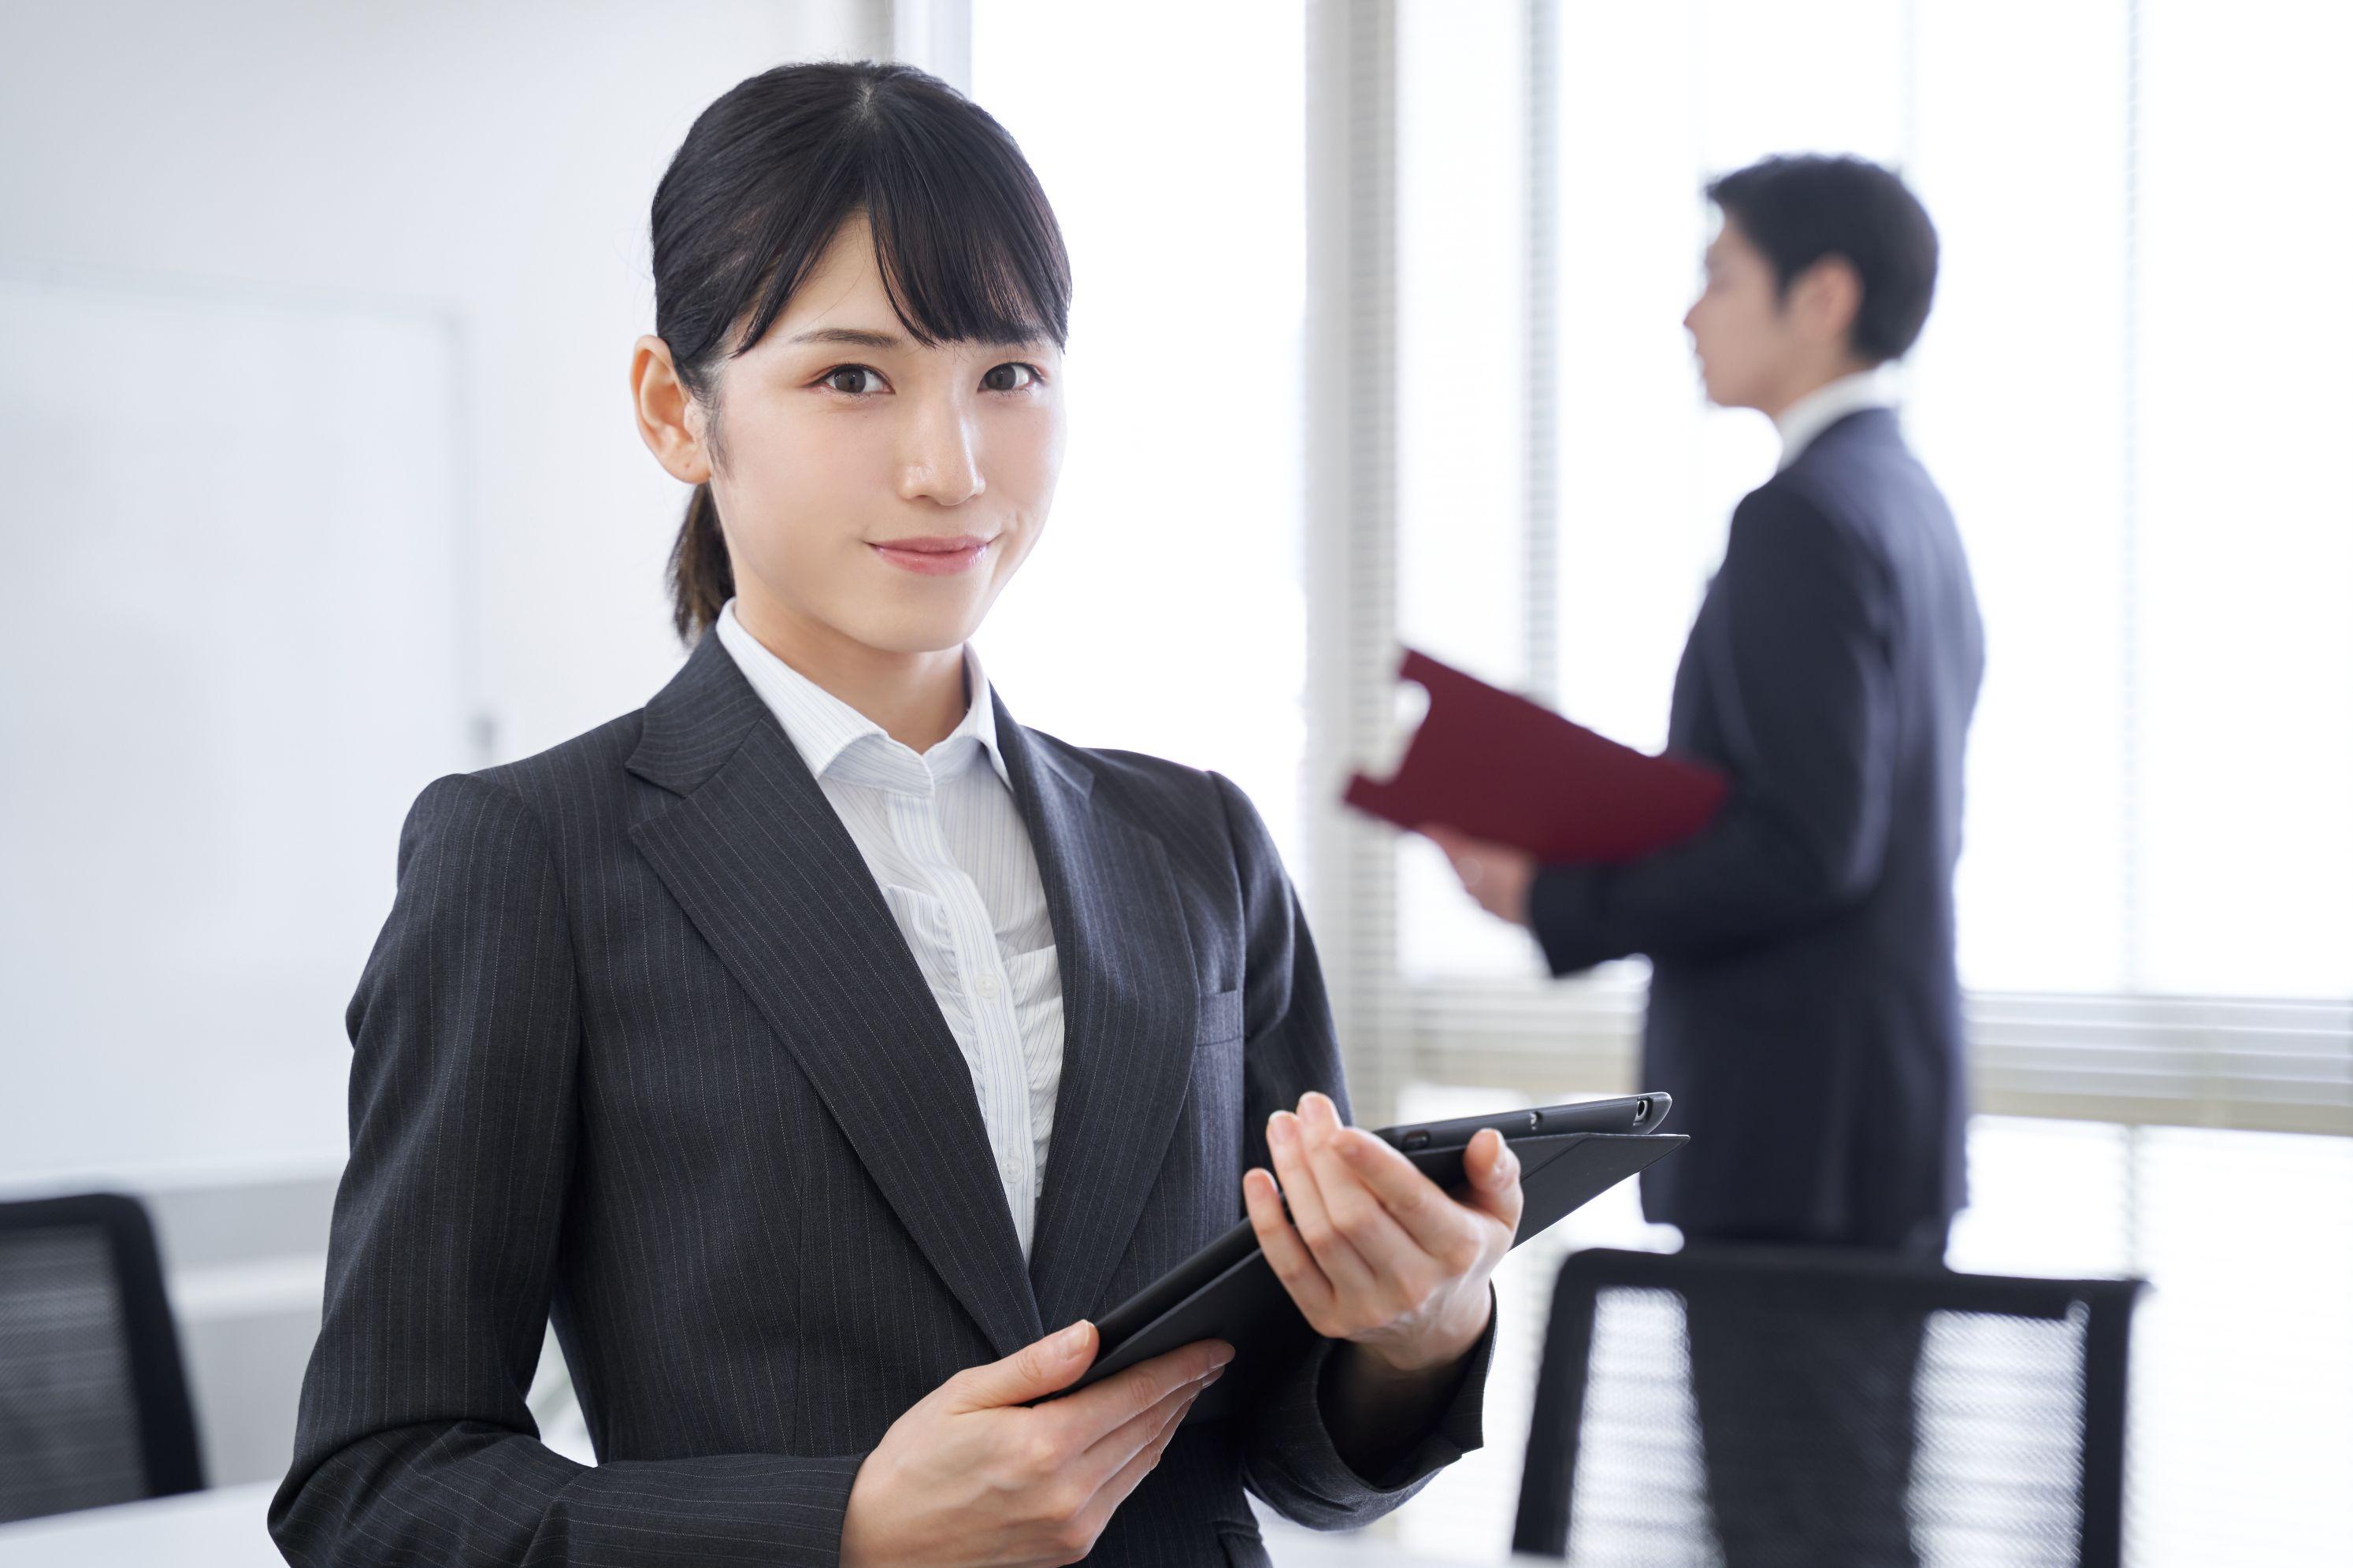 05_出会いがない女性の出会えるコツ【社会人編】